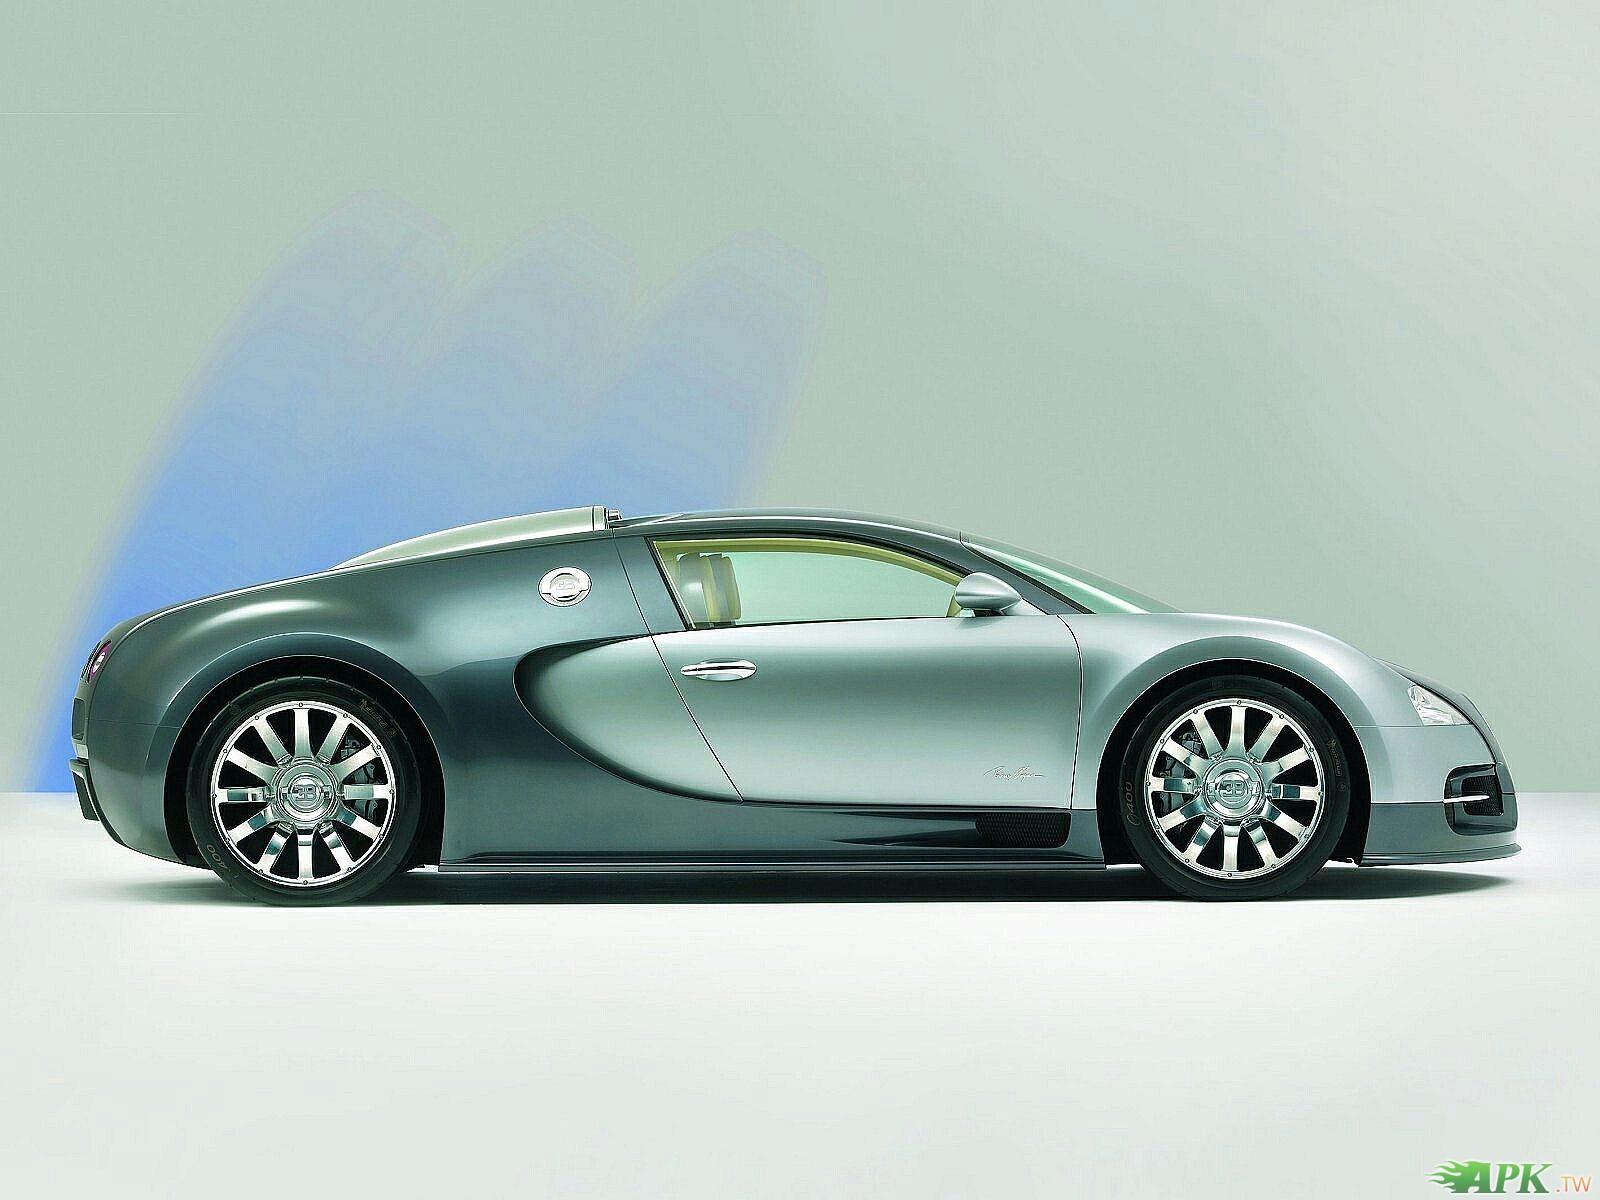 全世界最快又最贵的车 Bugatti Veyron 布加迪与车迷分享